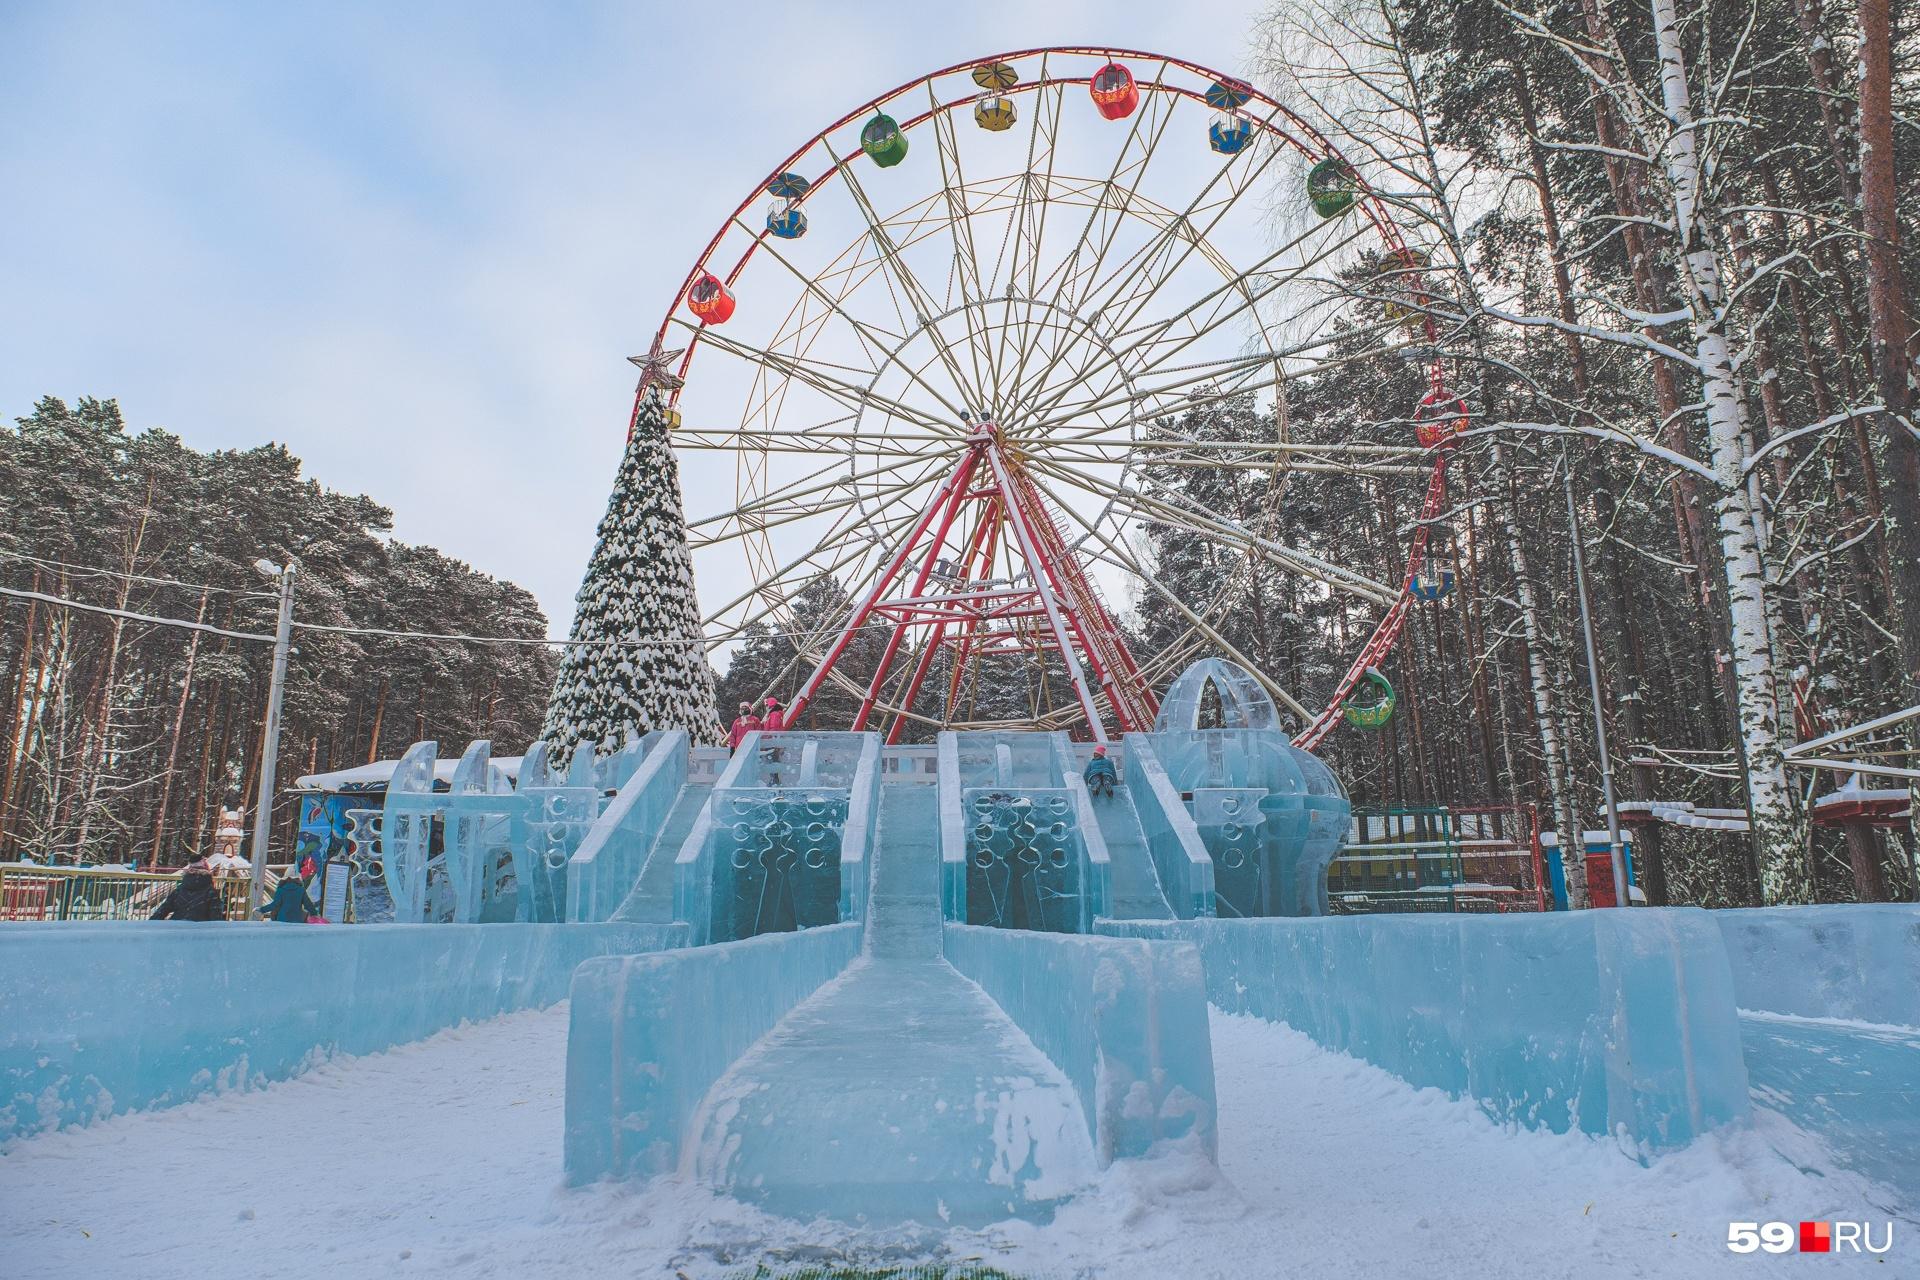 В парке «Счастье есть» в Кировском районе горки в виде звездолета